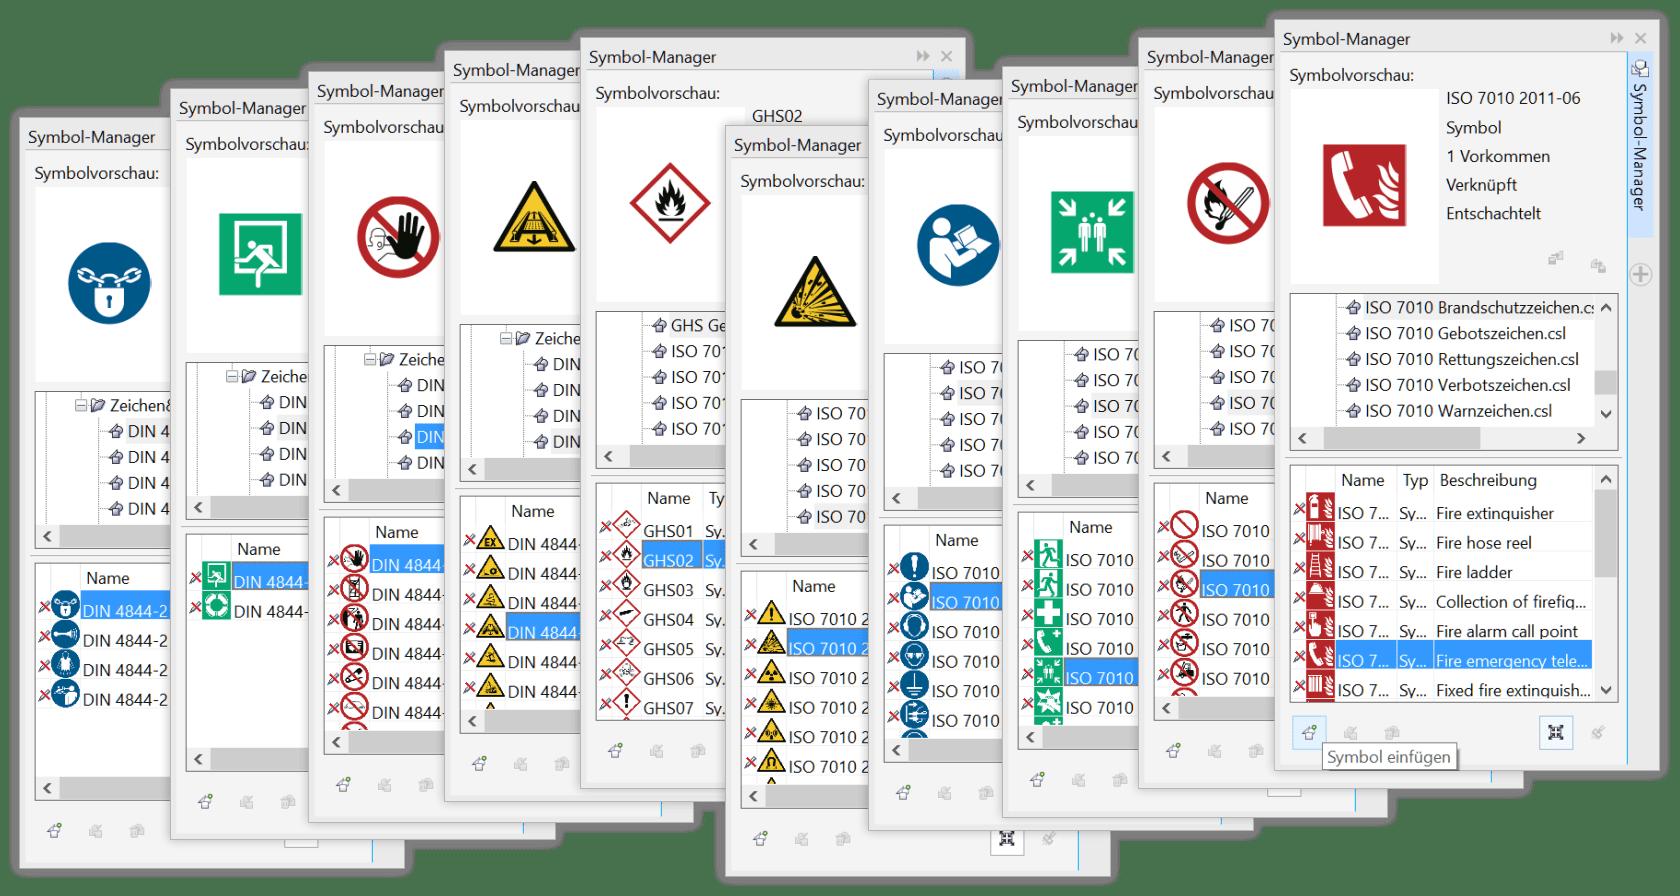 Sicherheitszeichen - CorelDRAW Symbolbibliothek